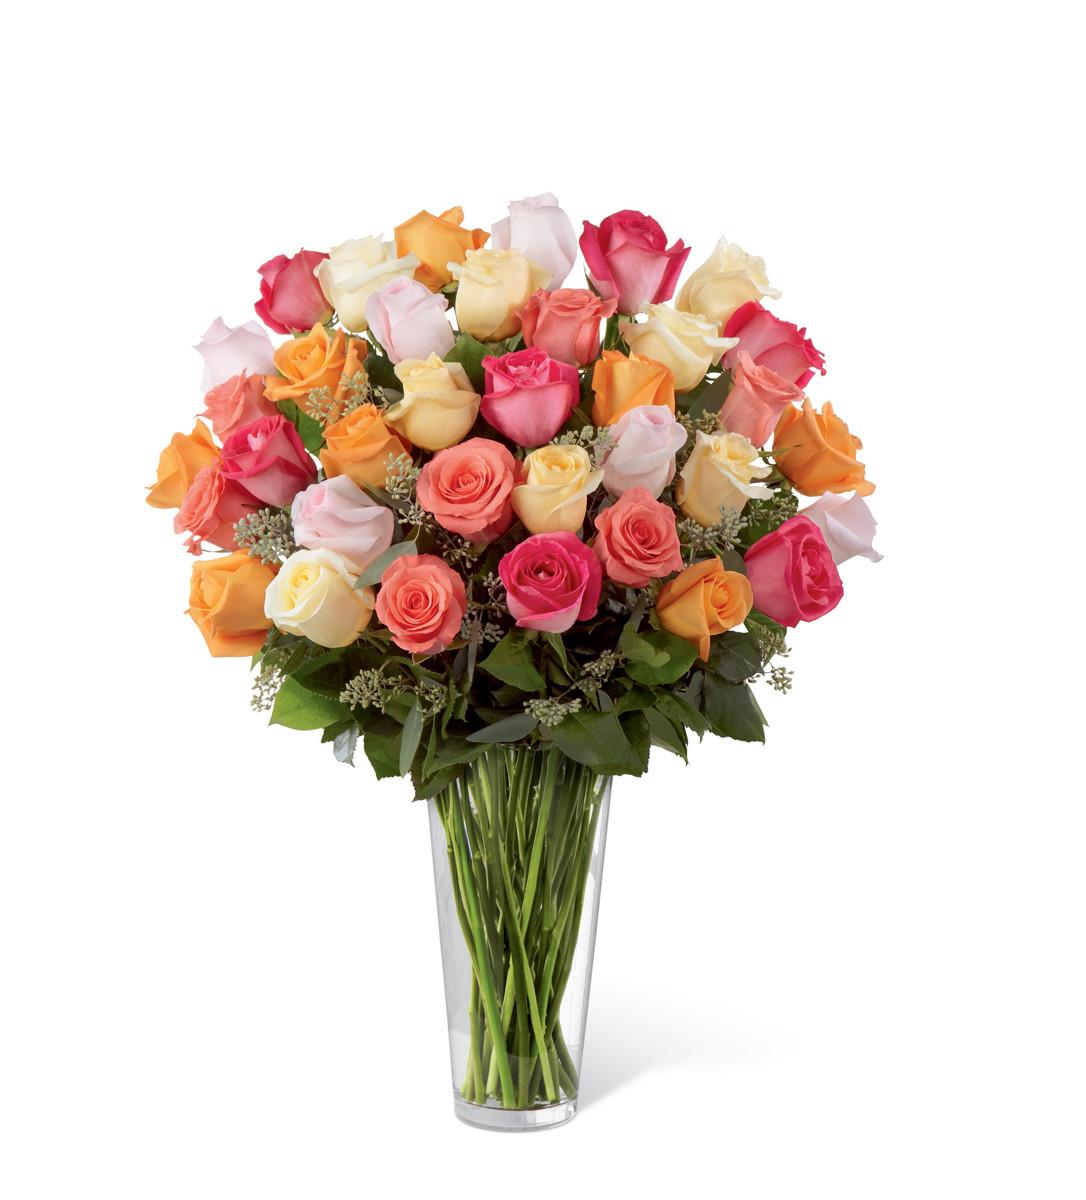 Flowers Urbandale IA Florist